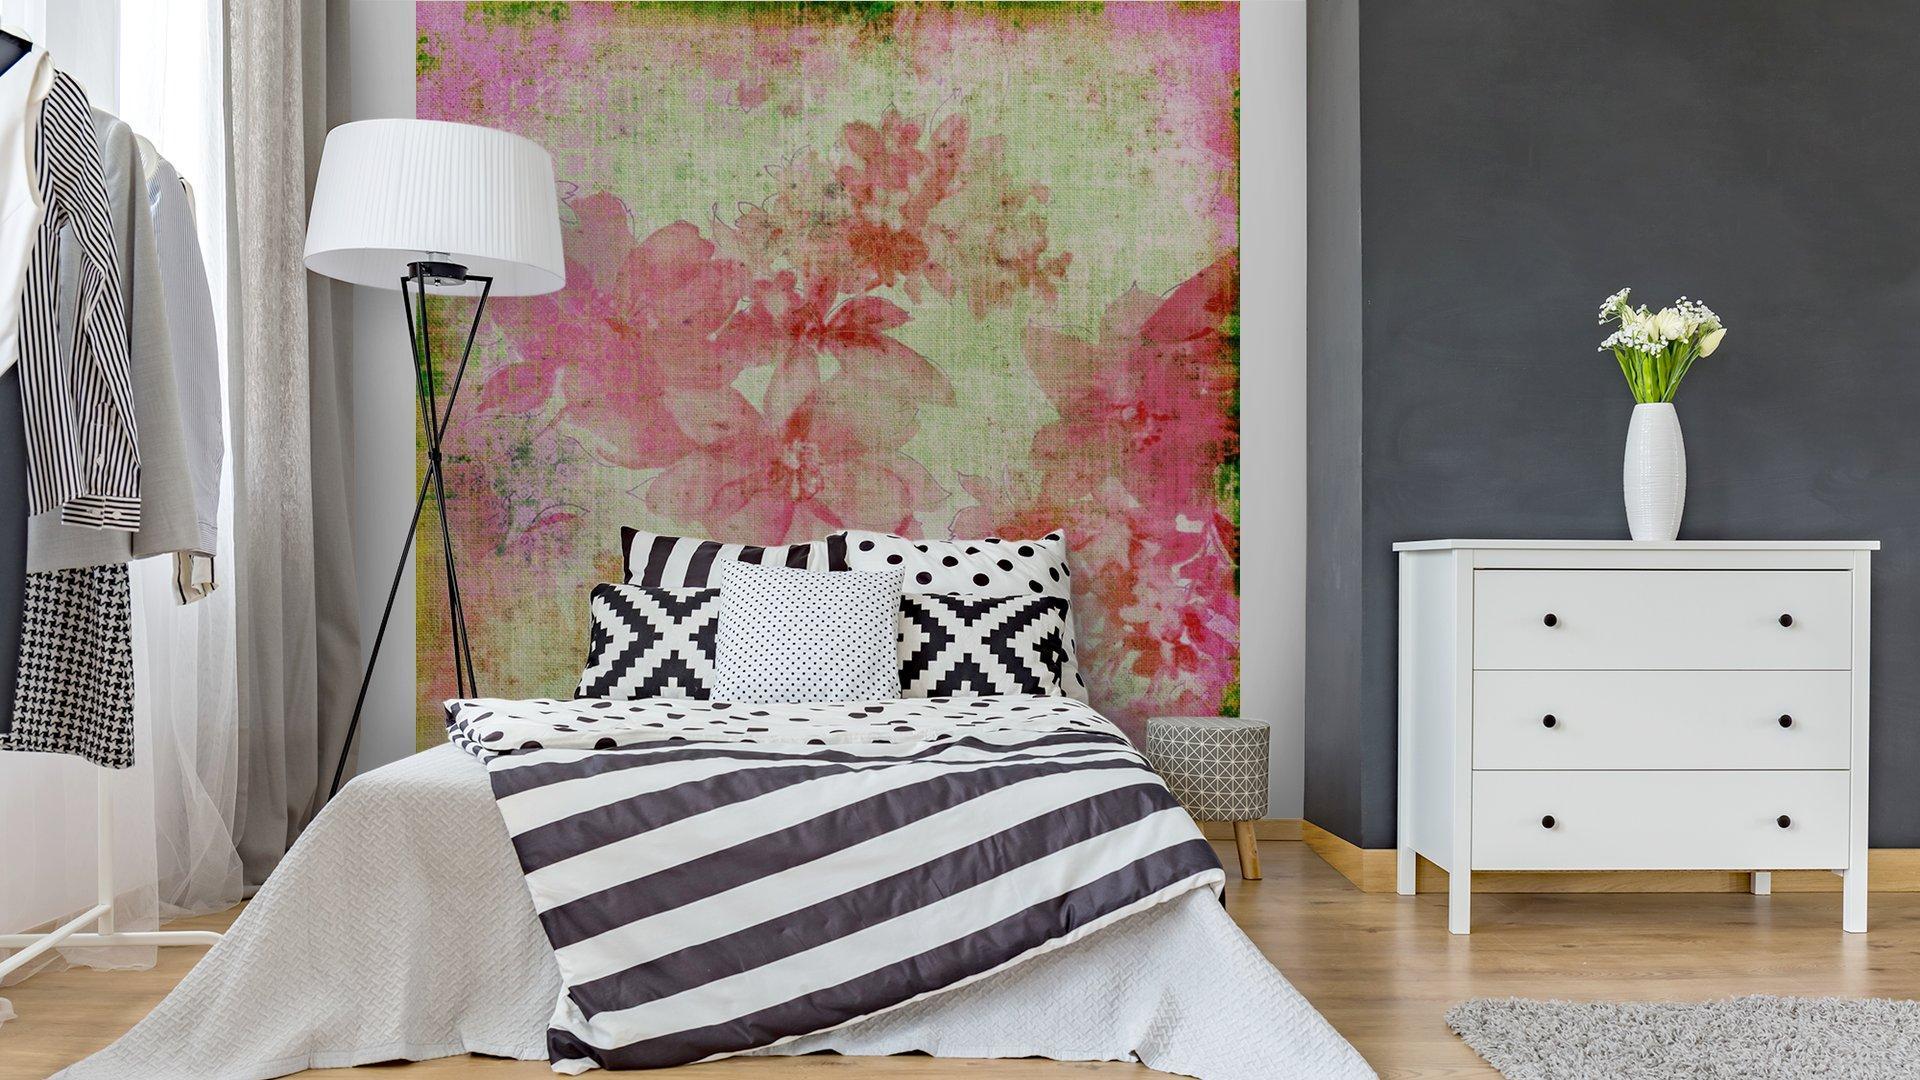 VINTAGE PAPER FLORAL ROSA2 - Fotomural Tapiz Floral Color Rosa 01